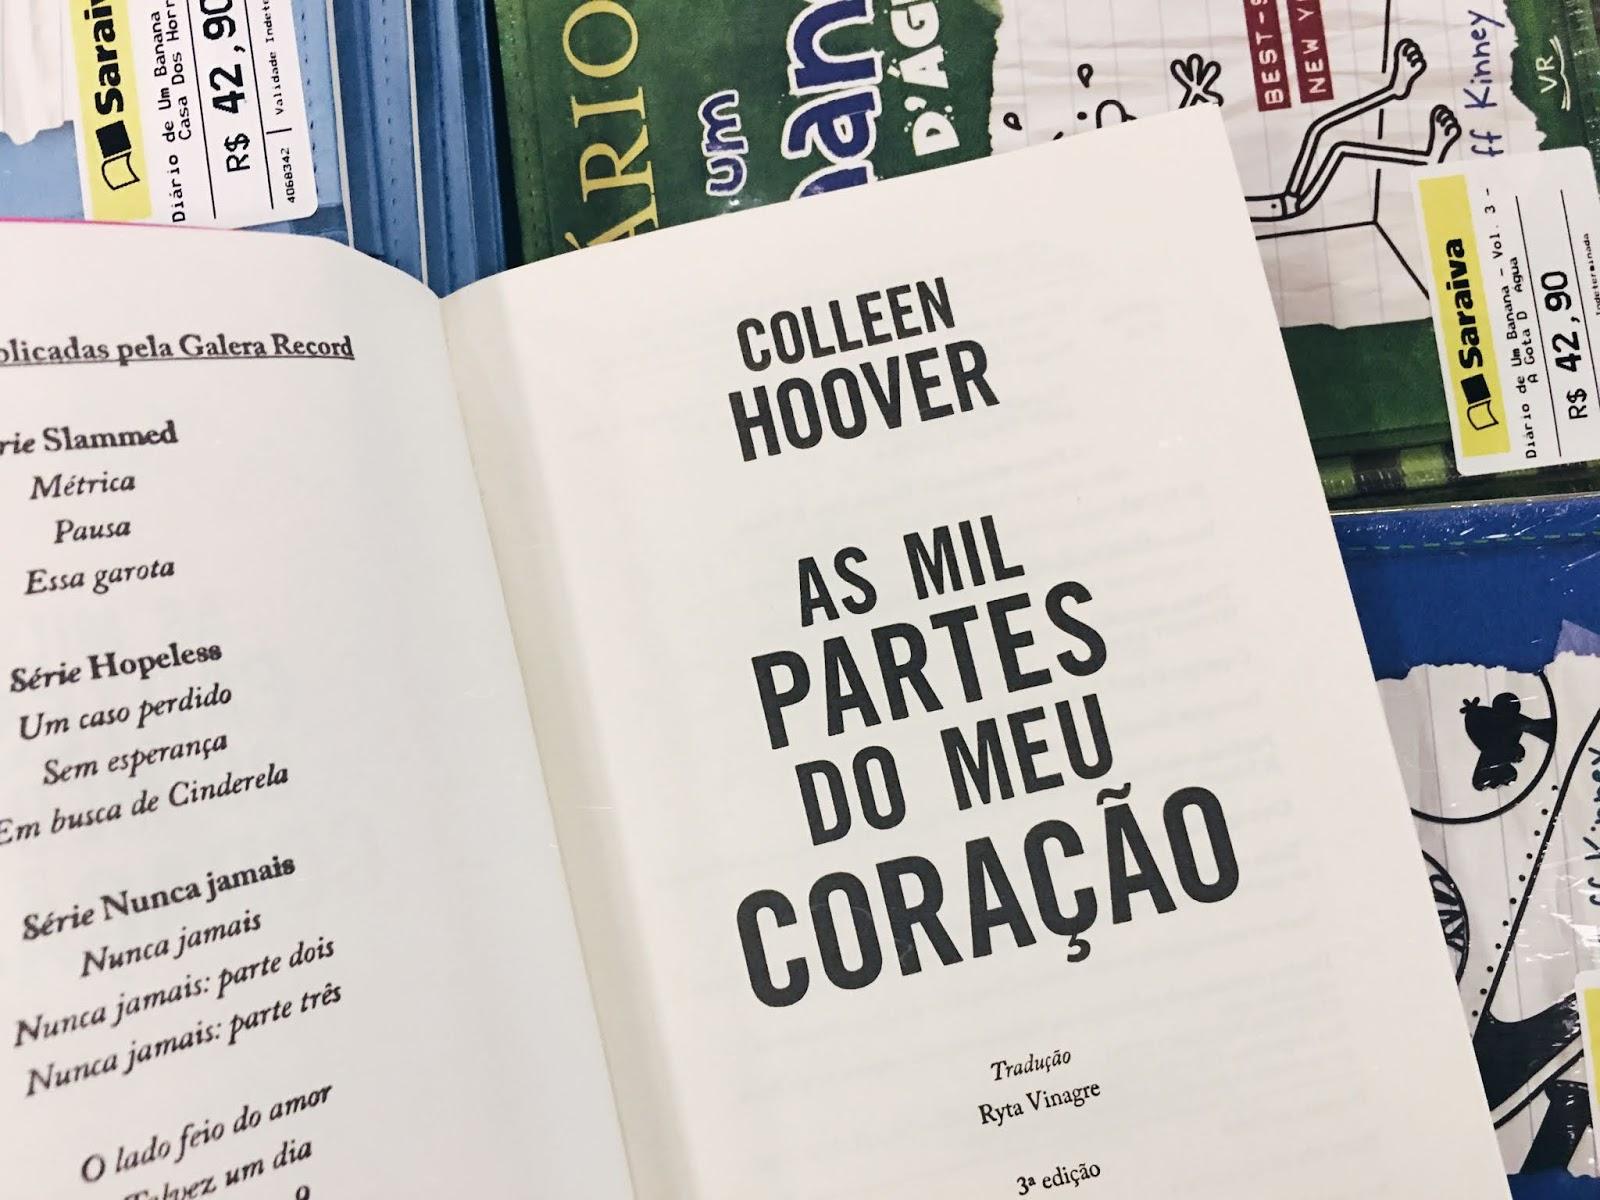 As mil partes do meu coração - Colleen Hoover | Resenha